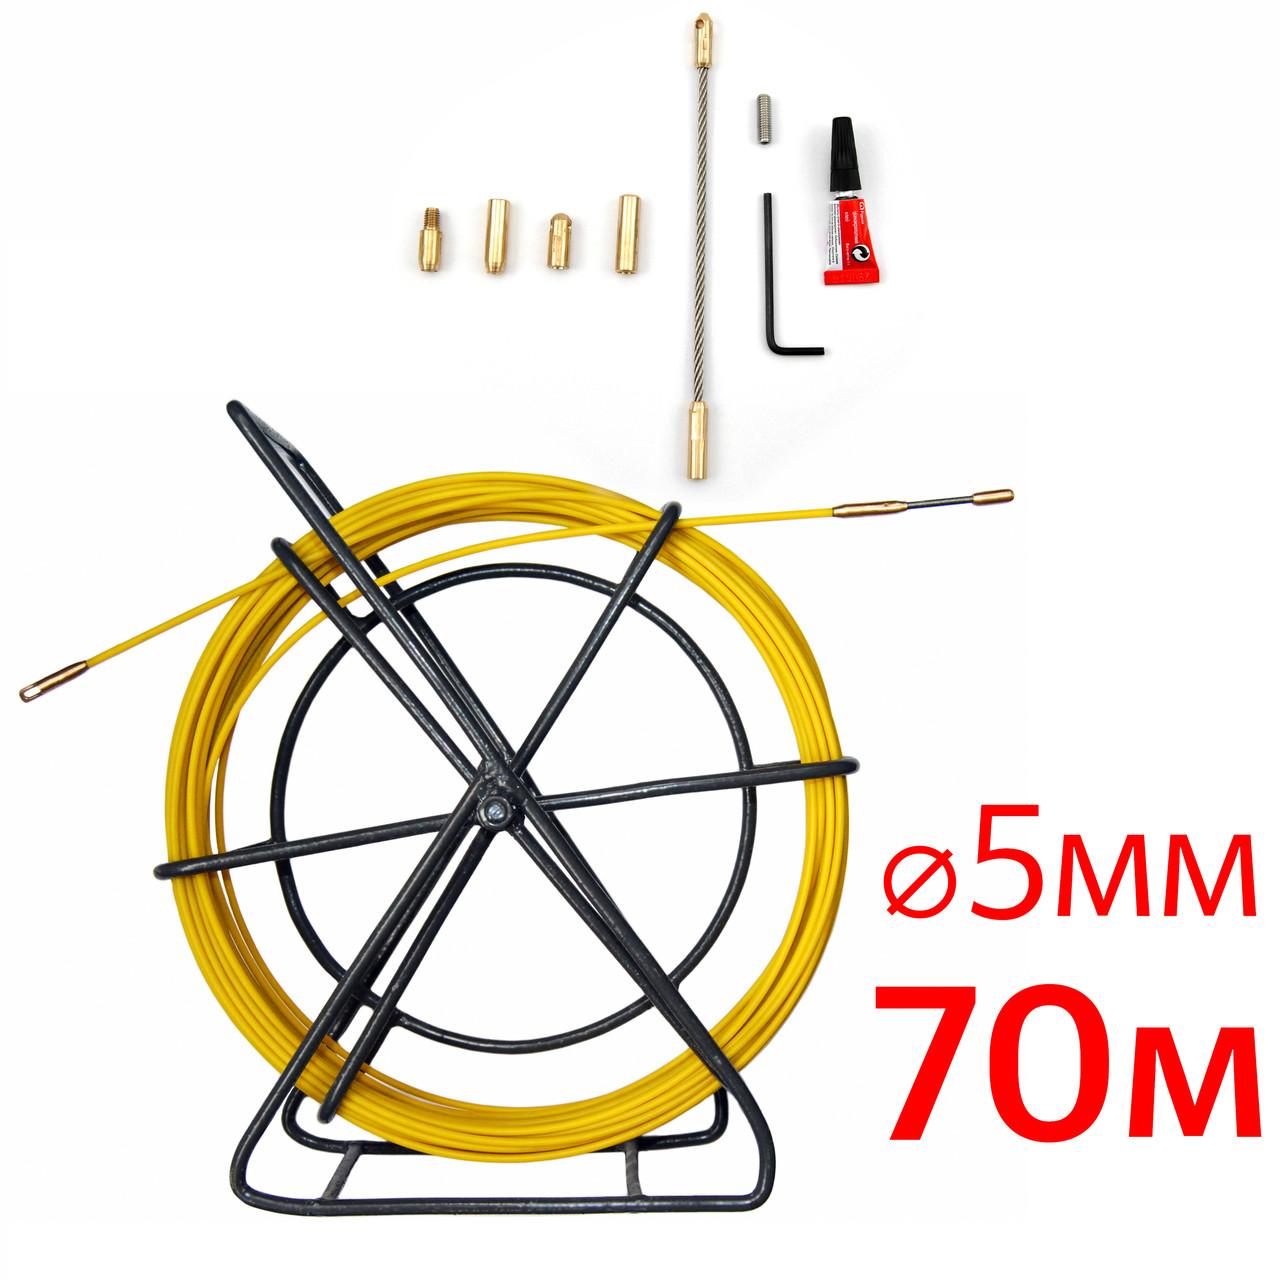 Кабельная протяжка, стеклопруток 5мм х 70м + 7 наконечников на тележке